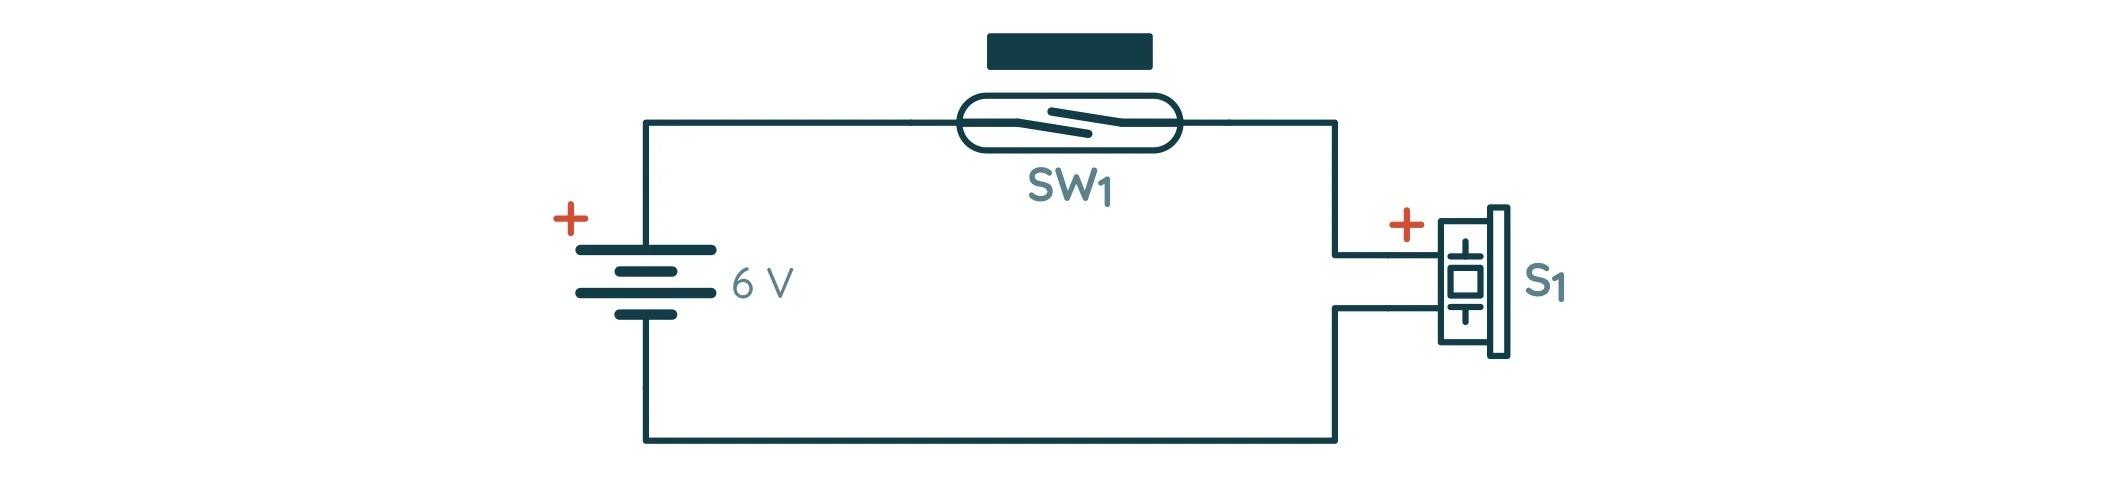 Принципиальная схема проверки геркона и зуммера